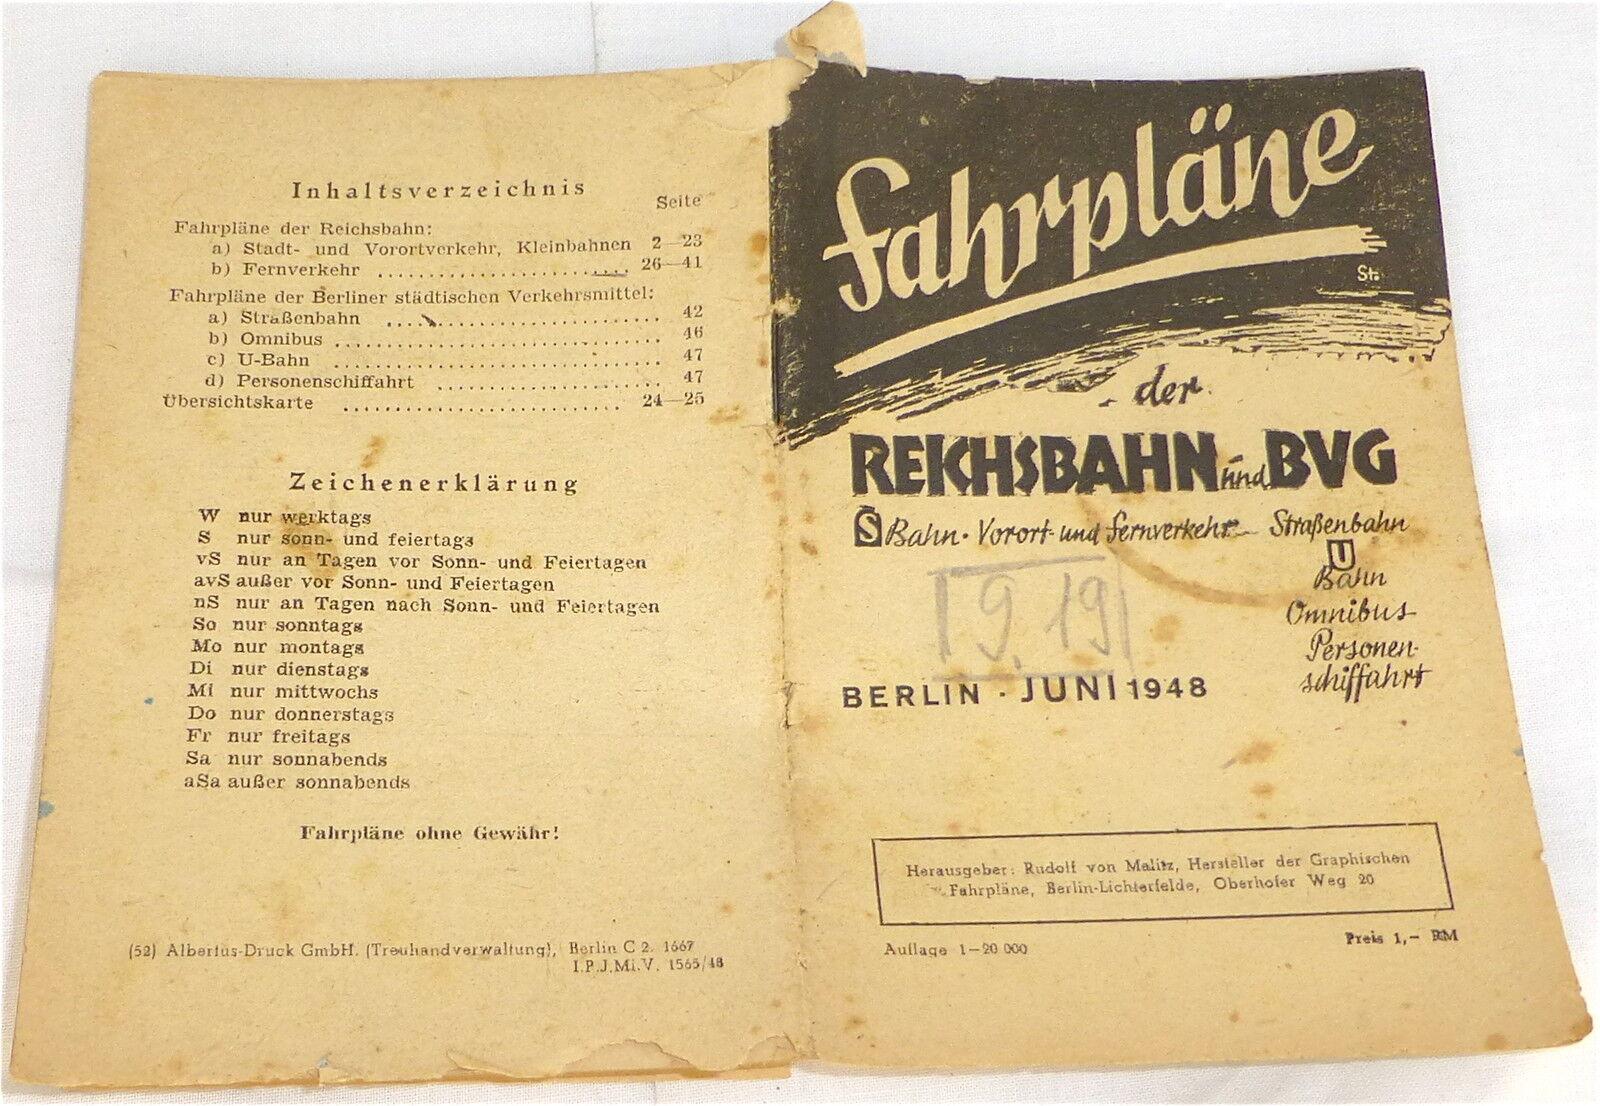 Orari del Reich ferroviario U. BVG Berlino giugno 1948 Å *